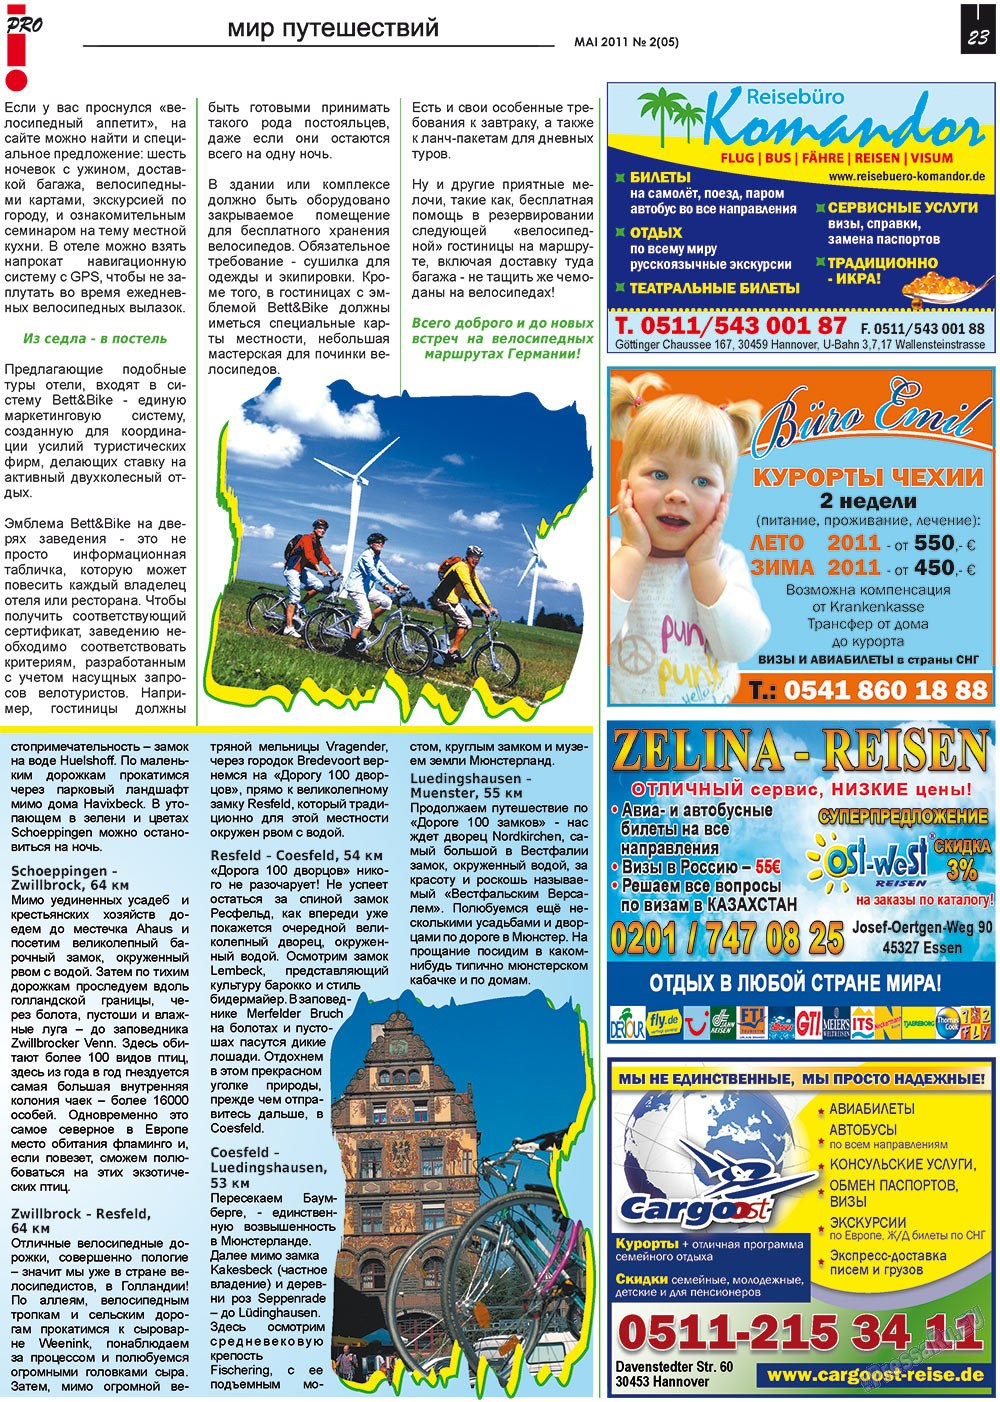 Все pro все (газета). 2011 год, номер 2, стр. 23